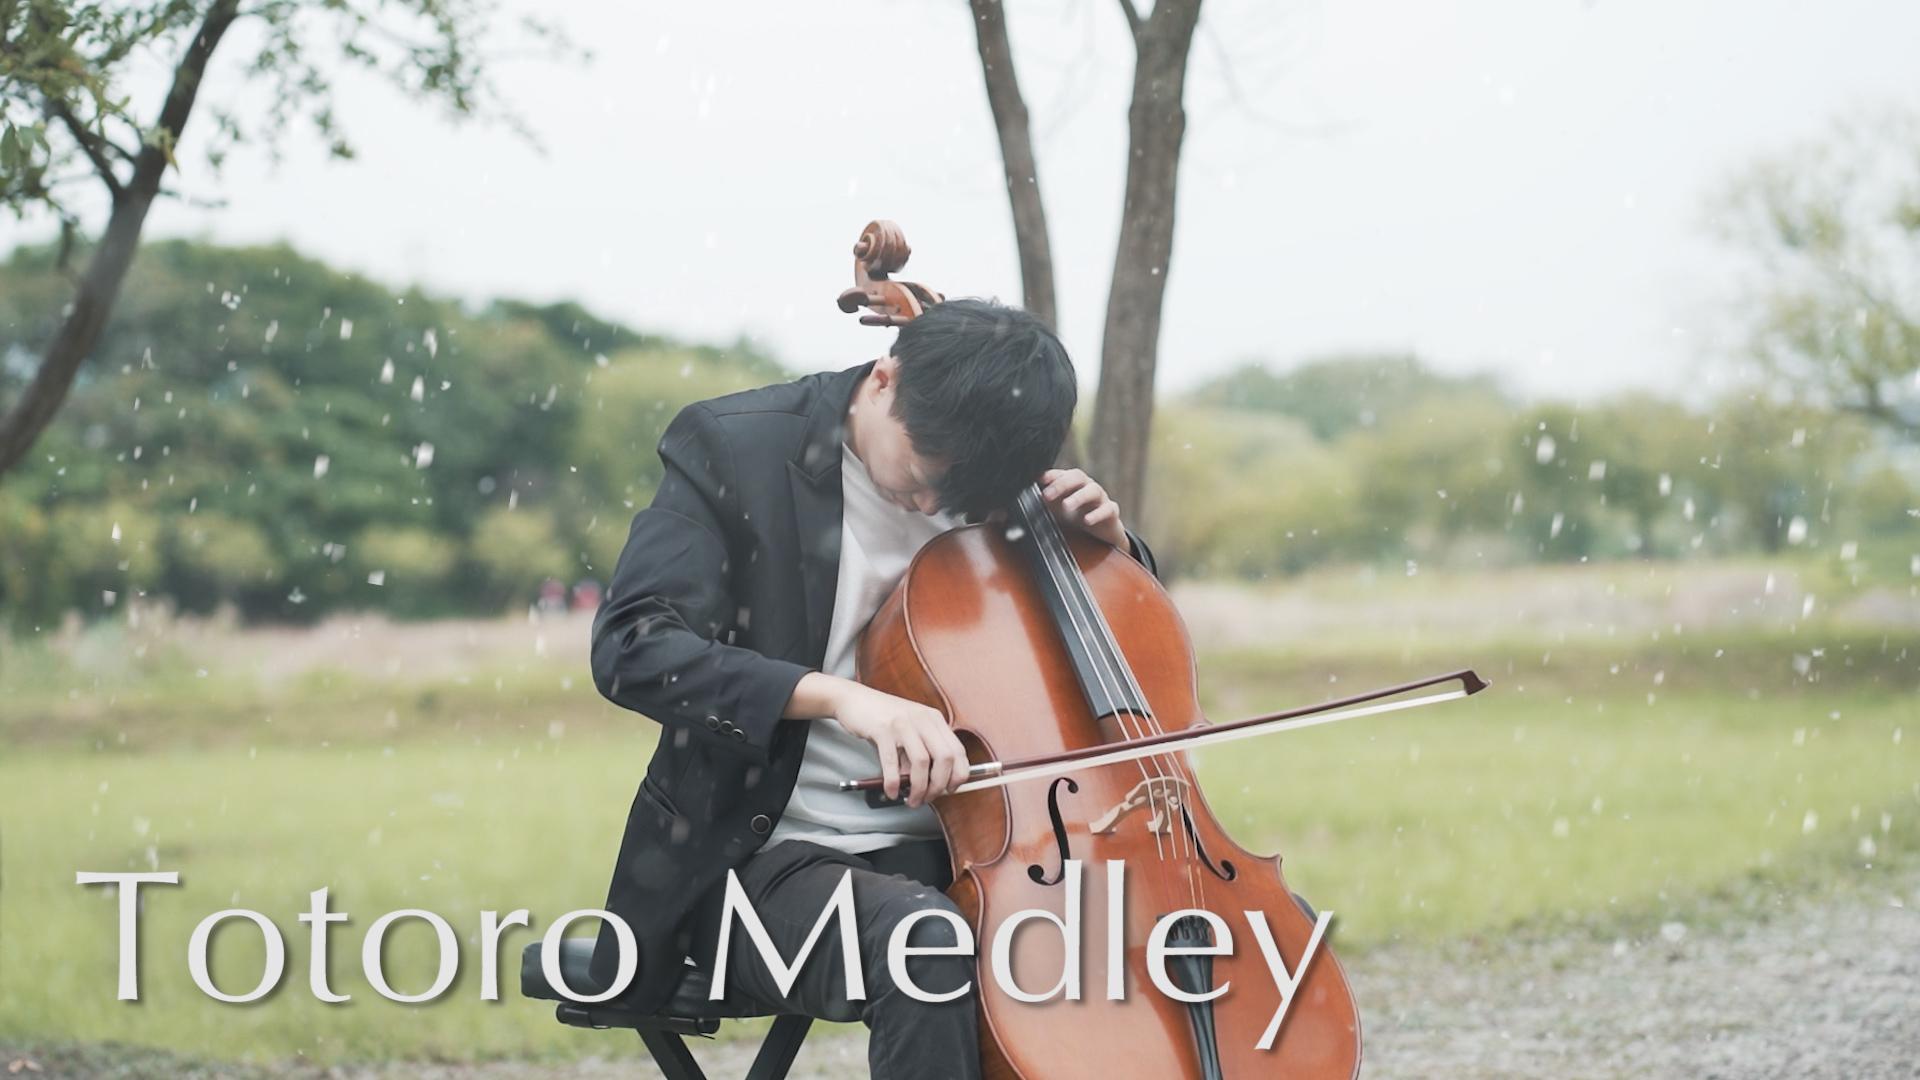 となりのトトロ 《龍貓組曲》(散步 さんぽ+風のとおり道)- 久石讓  大提琴演奏 Cello cover『Cover by YoYo Cello』